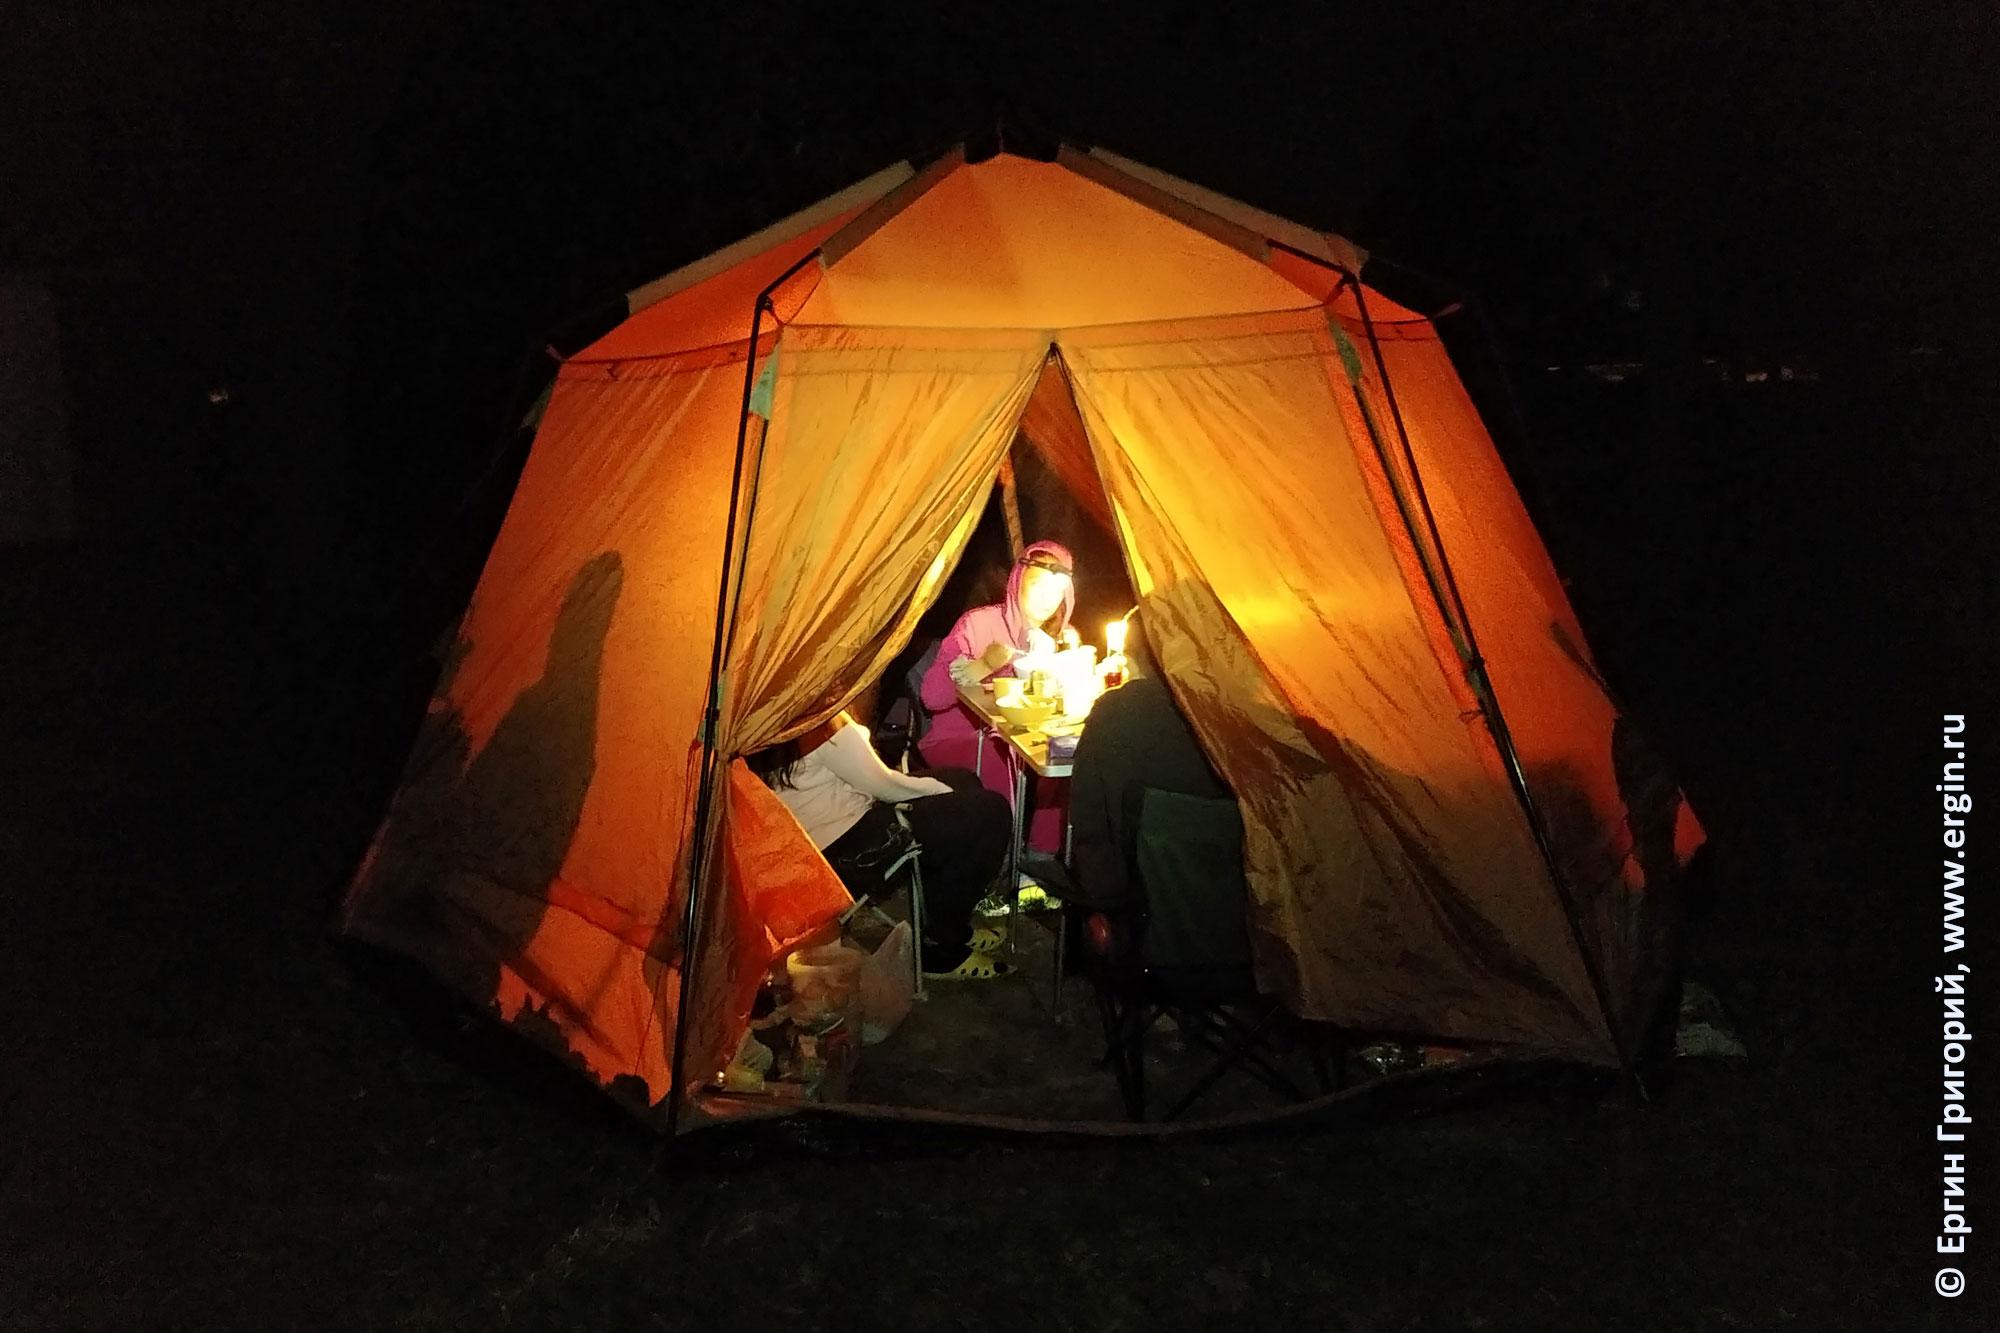 Шатер каякеров ночью при свете свечей